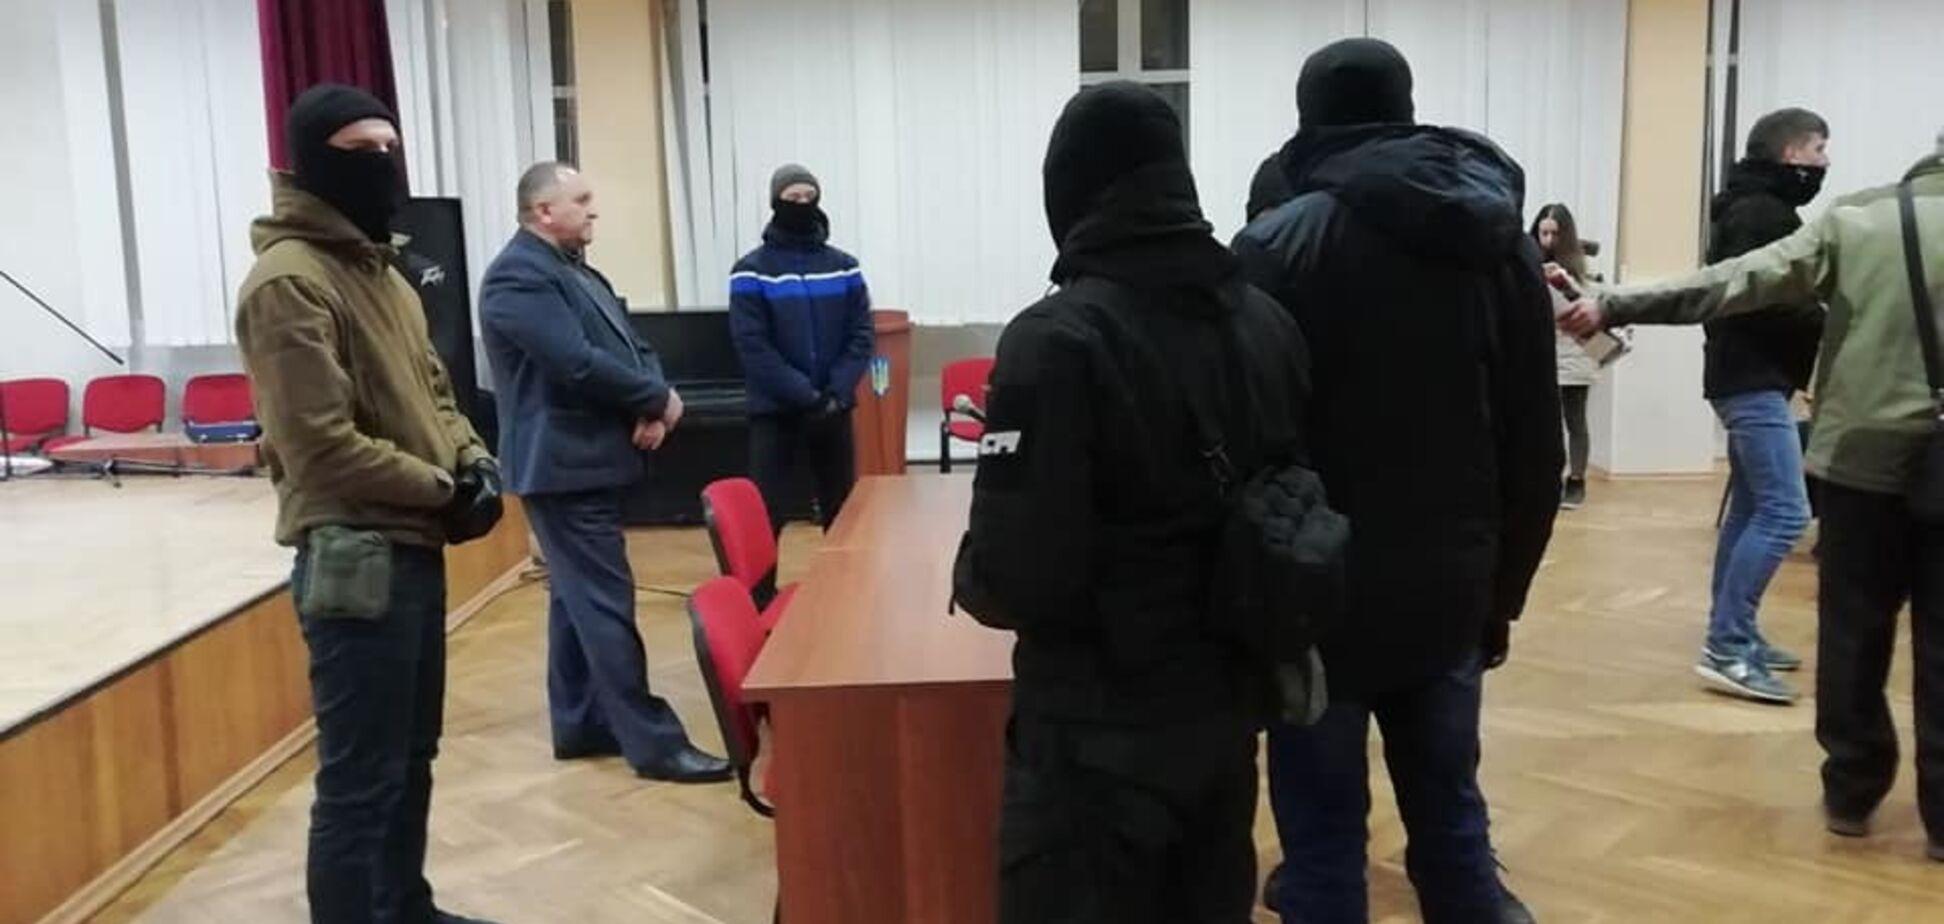 Поднимал флаг РФ и звал Путина: в Днепре жестко проучили фаната 'русского мира' в избиркоме